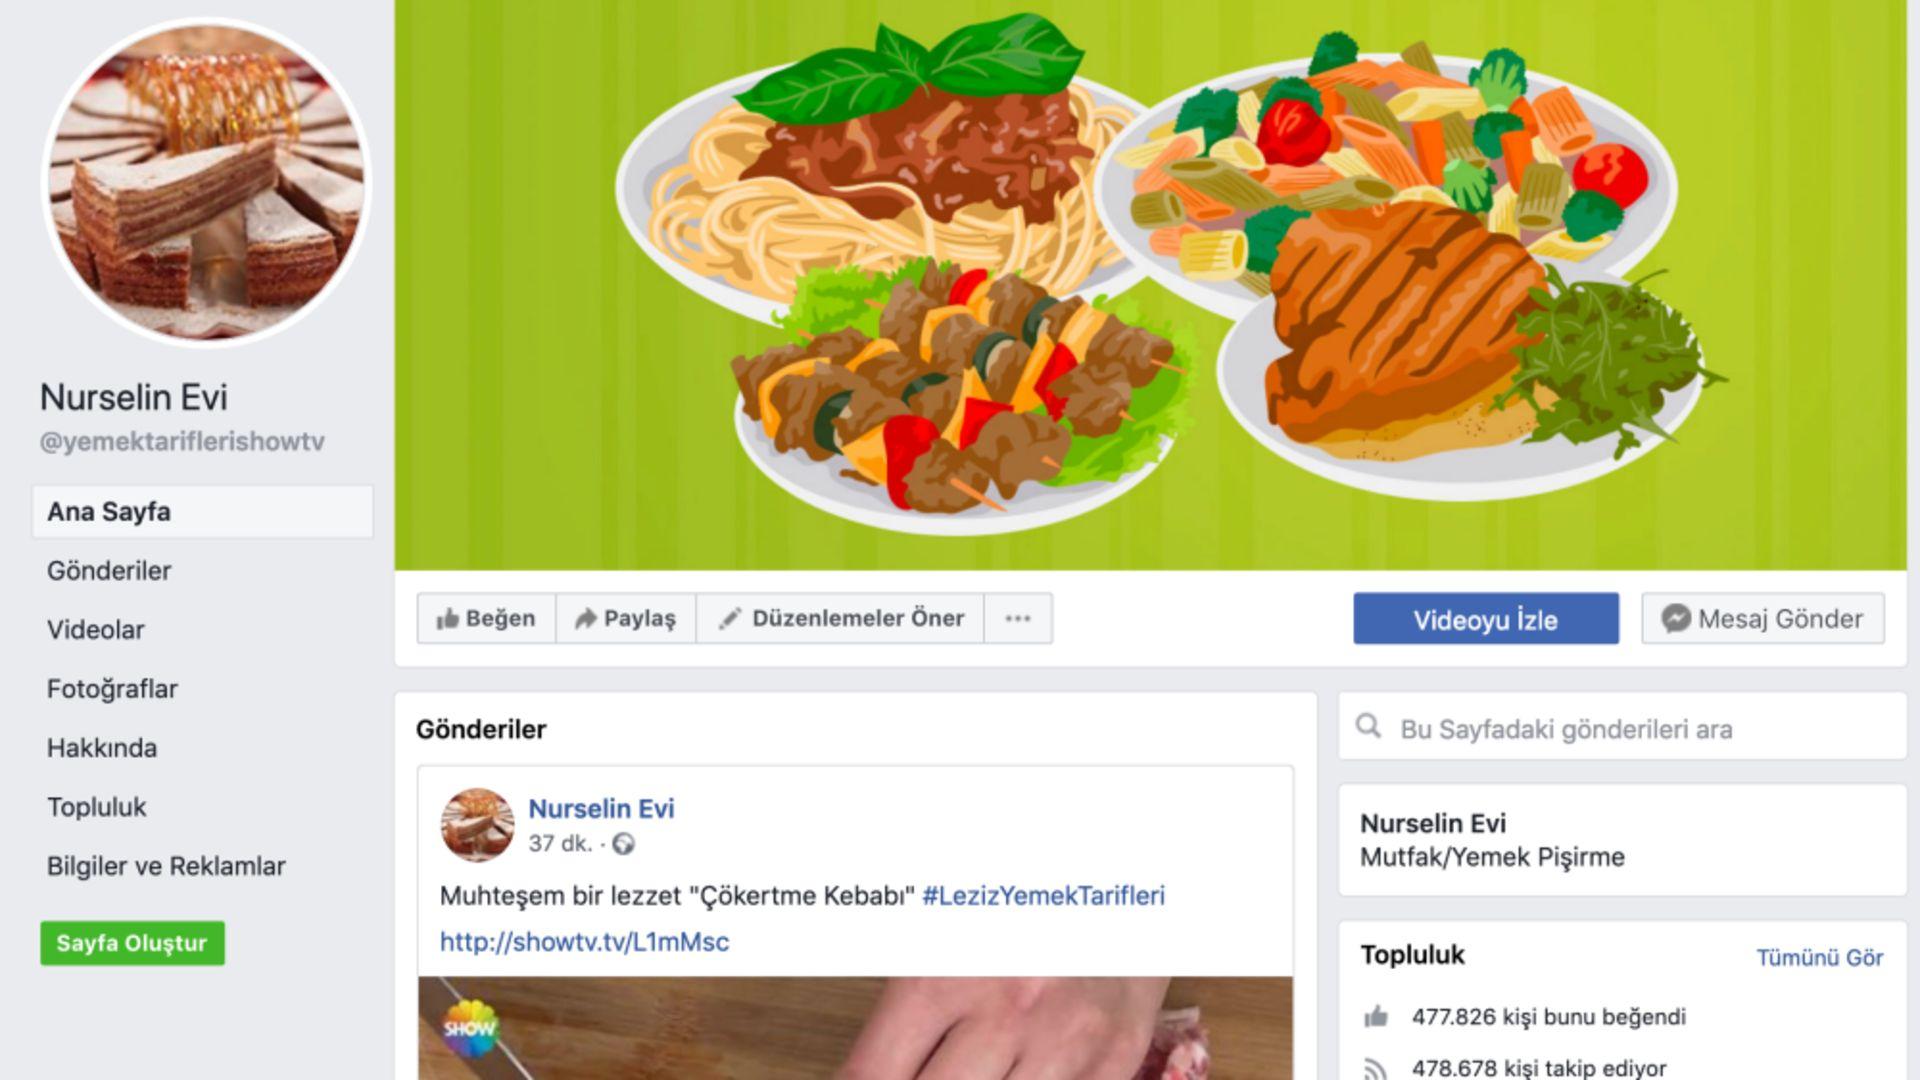 Duyuru: Facebook Nurselin Evi sayfamızın adını değiştiriyoruz